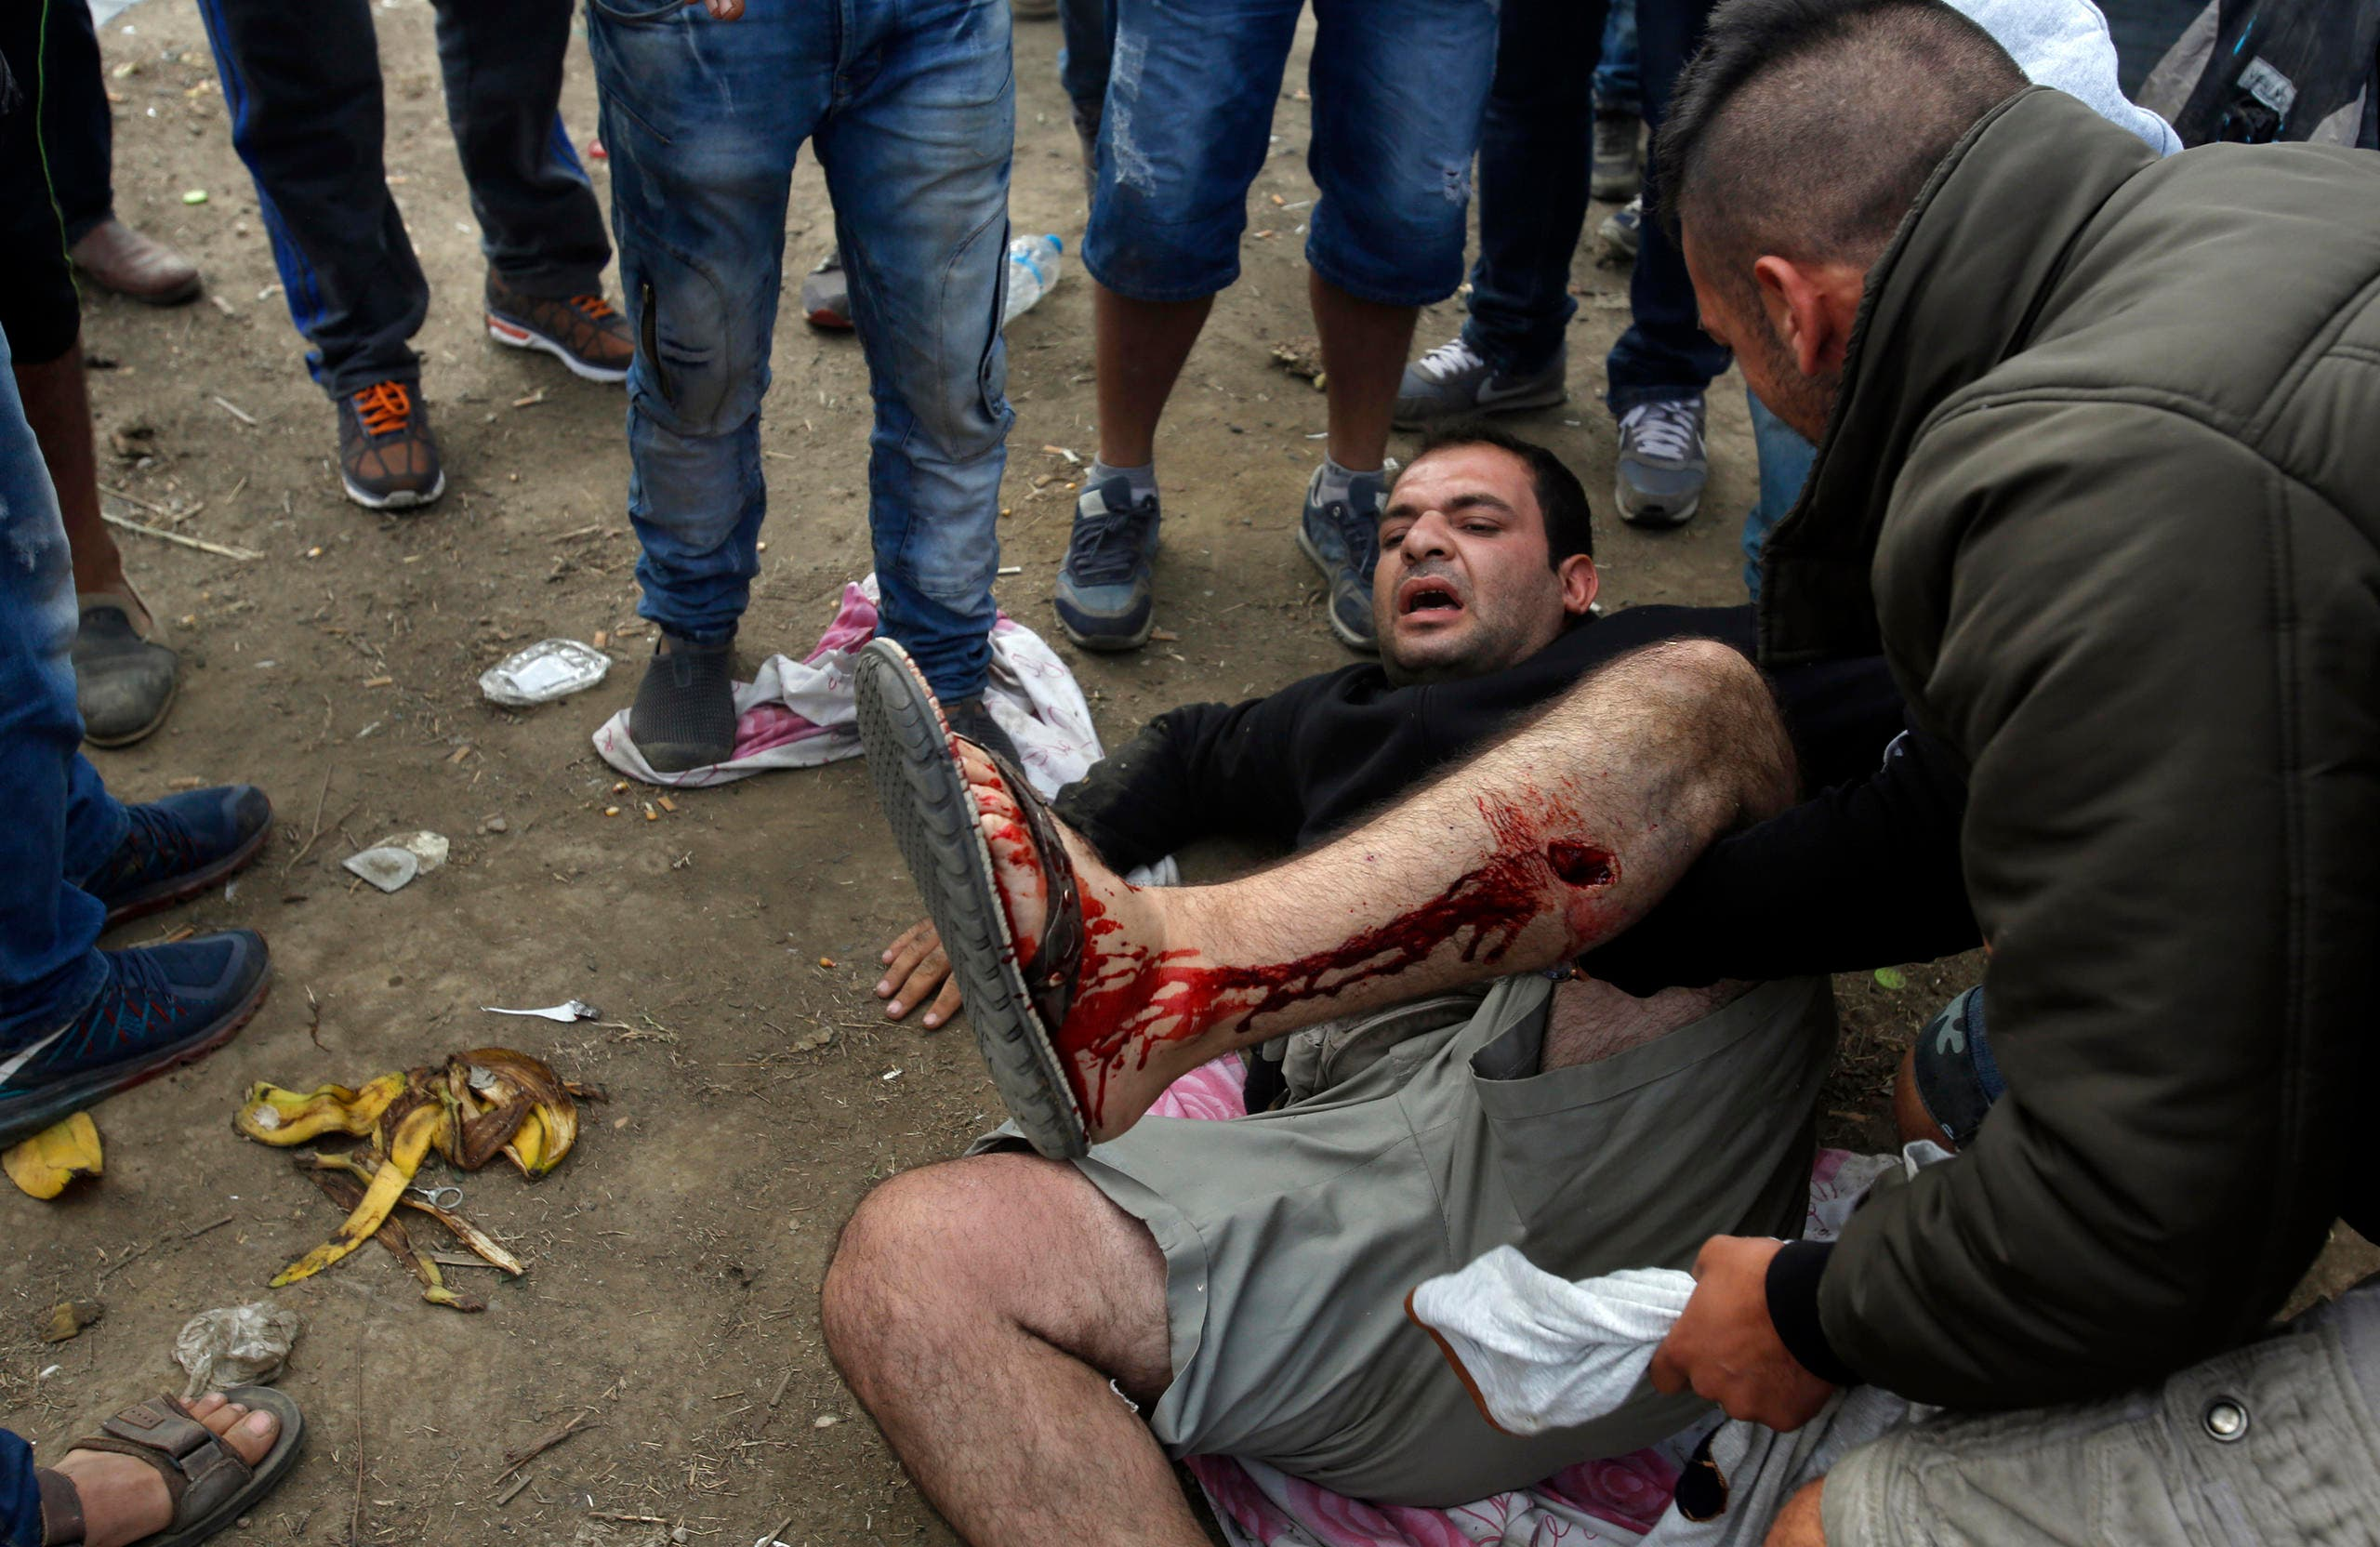 Ein verletzter Mann wird notdürftig versorgt. (Bild: Keystone/AP Photo/Darko Vojinovic)